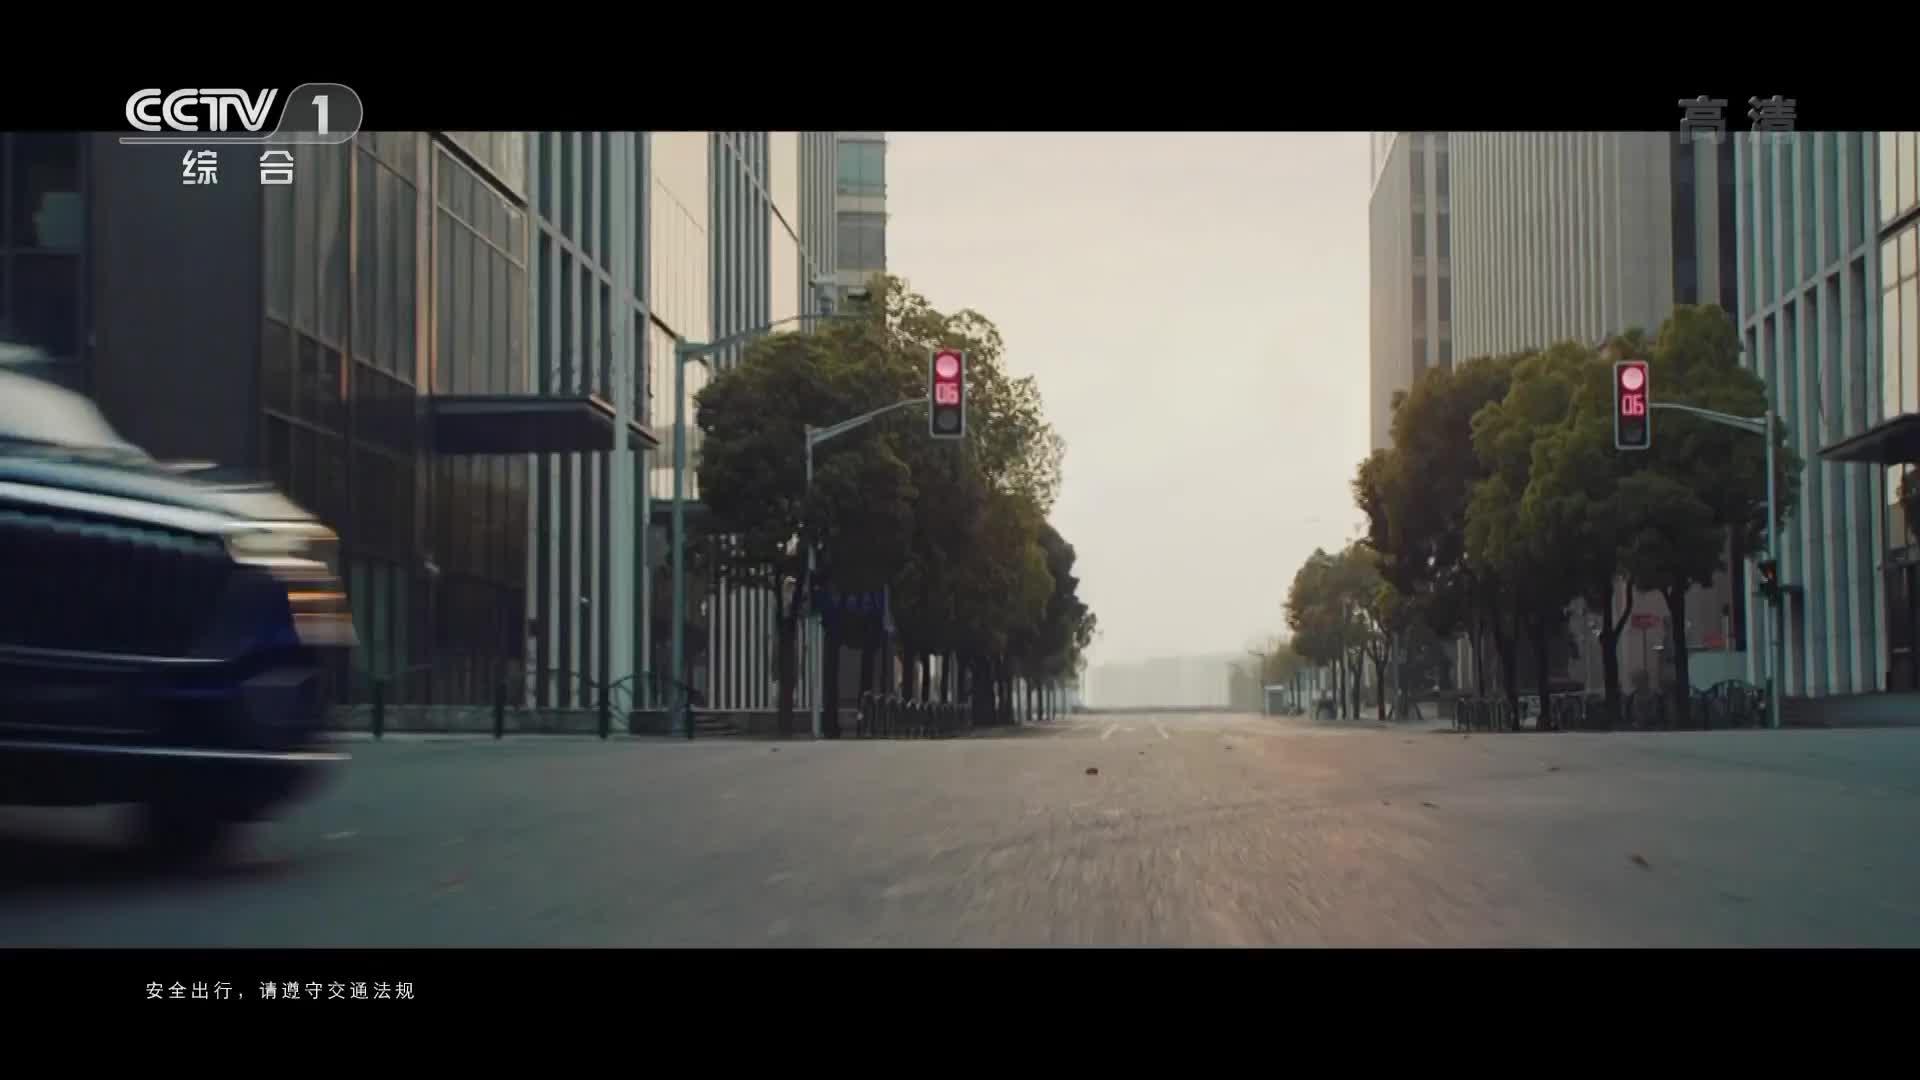 央视广告欣赏-红旗HS5